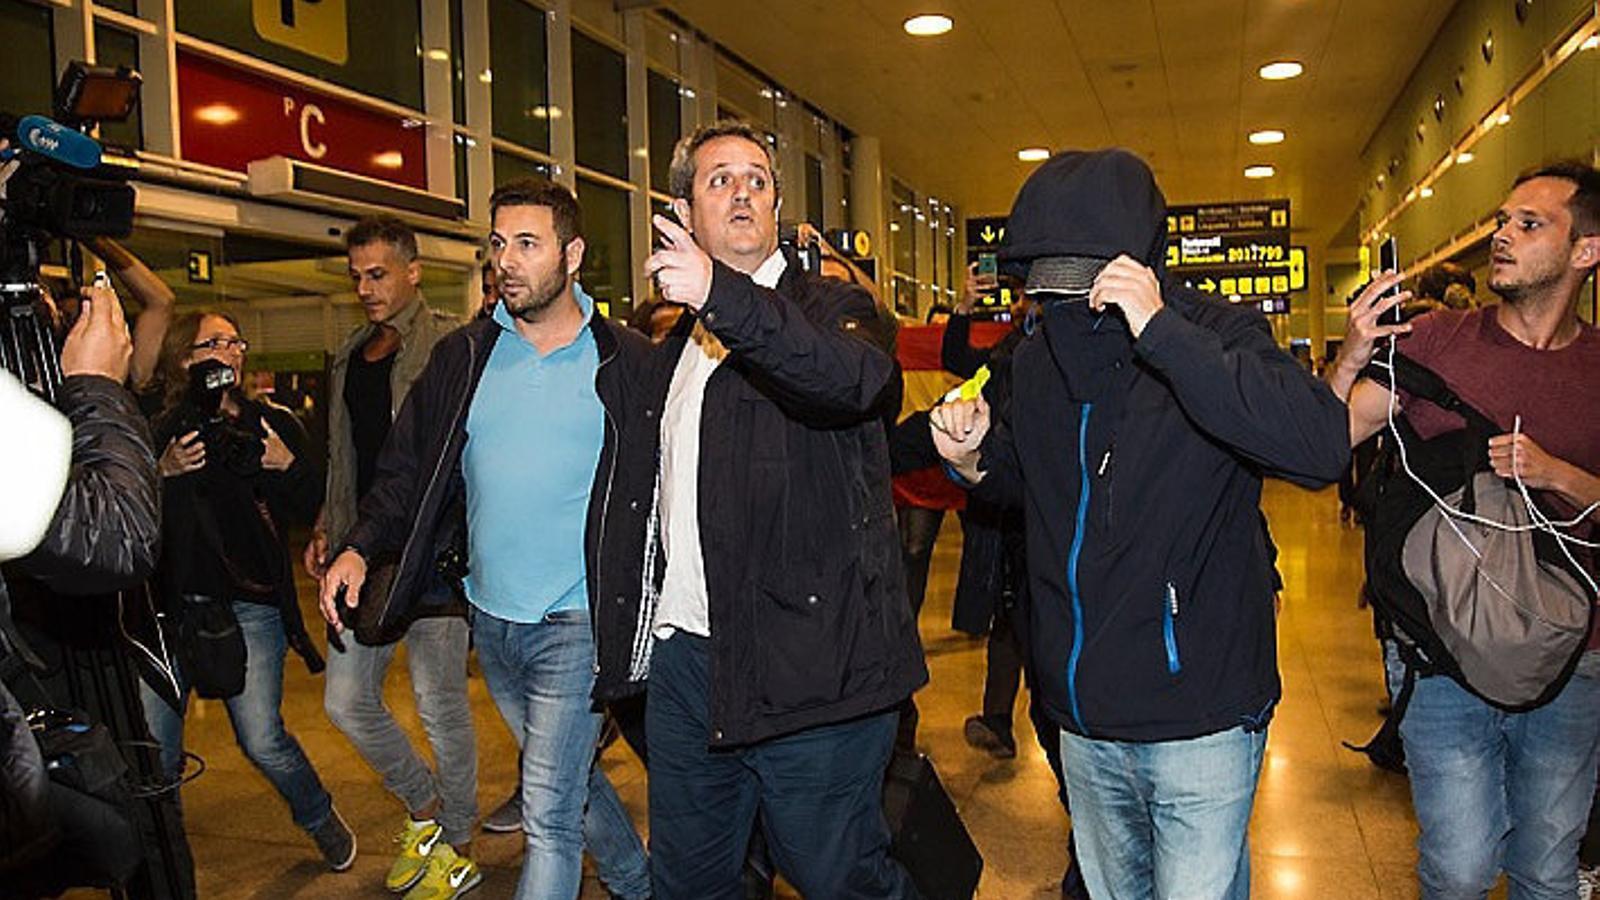 El conseller Joaquim Forn arribant ahir a la nit a l'aeroport del Prat.